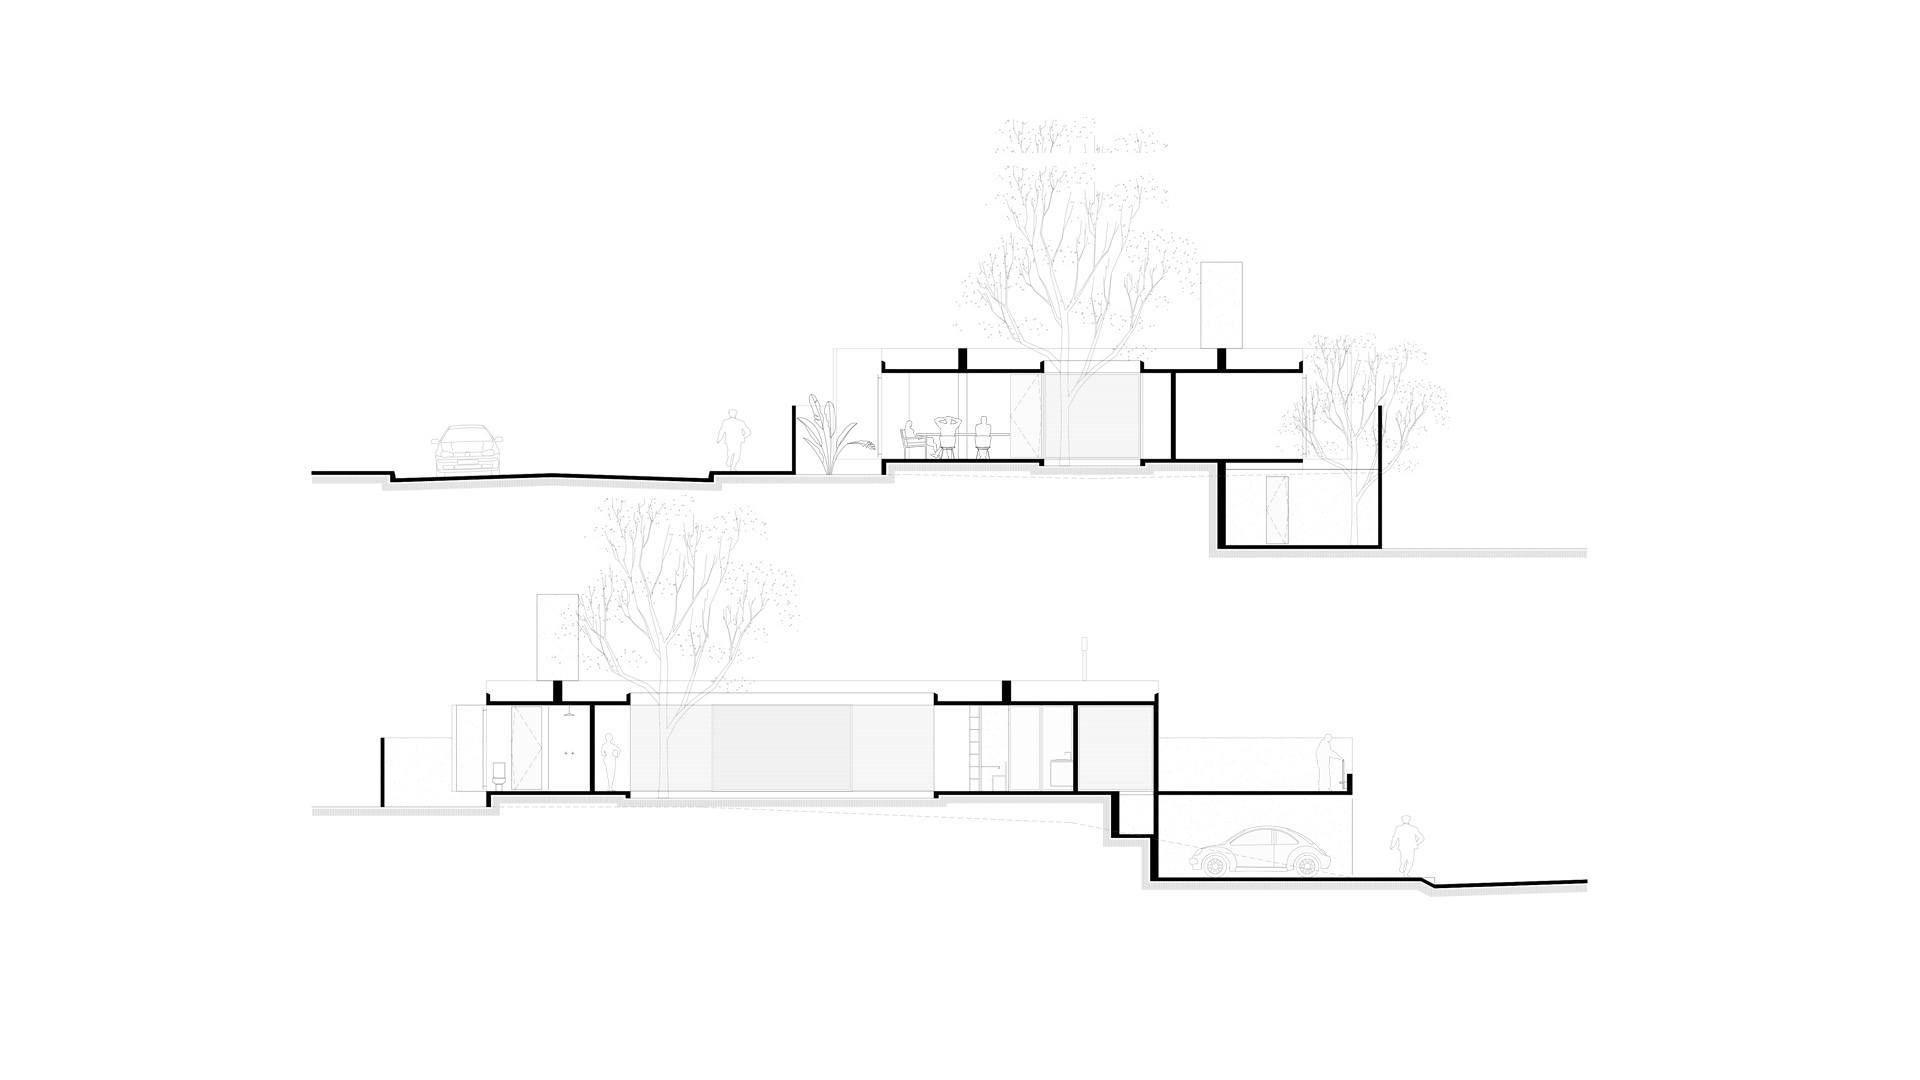 residencia-jundiai-corte-transversal-e-longitudinal